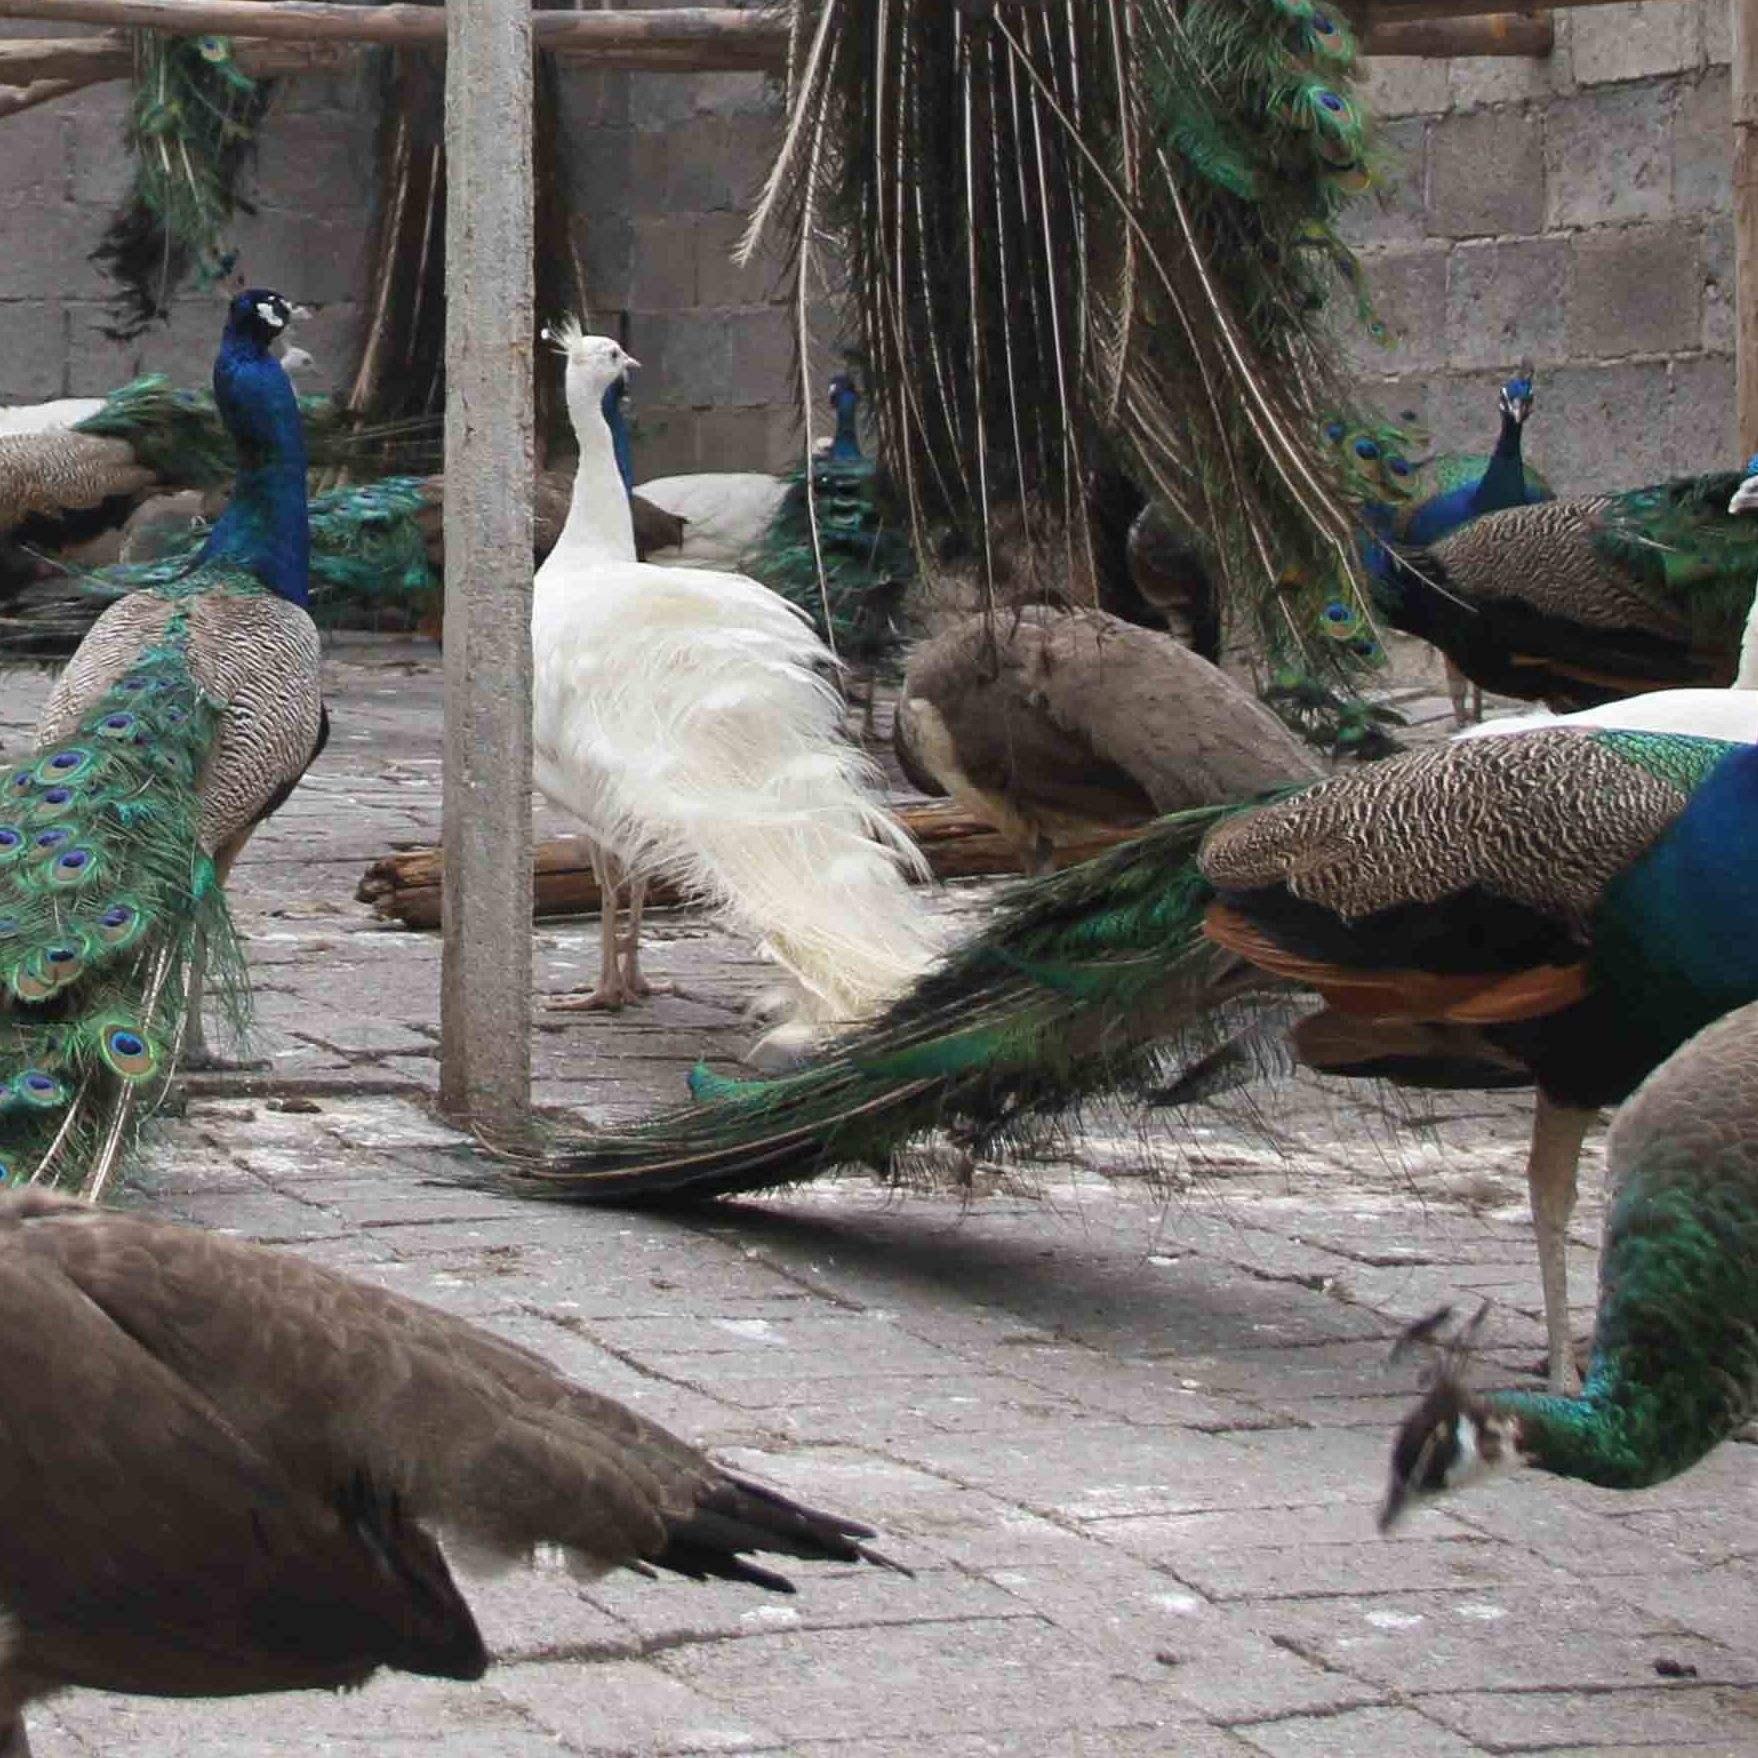 孔雀养殖基地分享:解决孔雀掉毛的方法